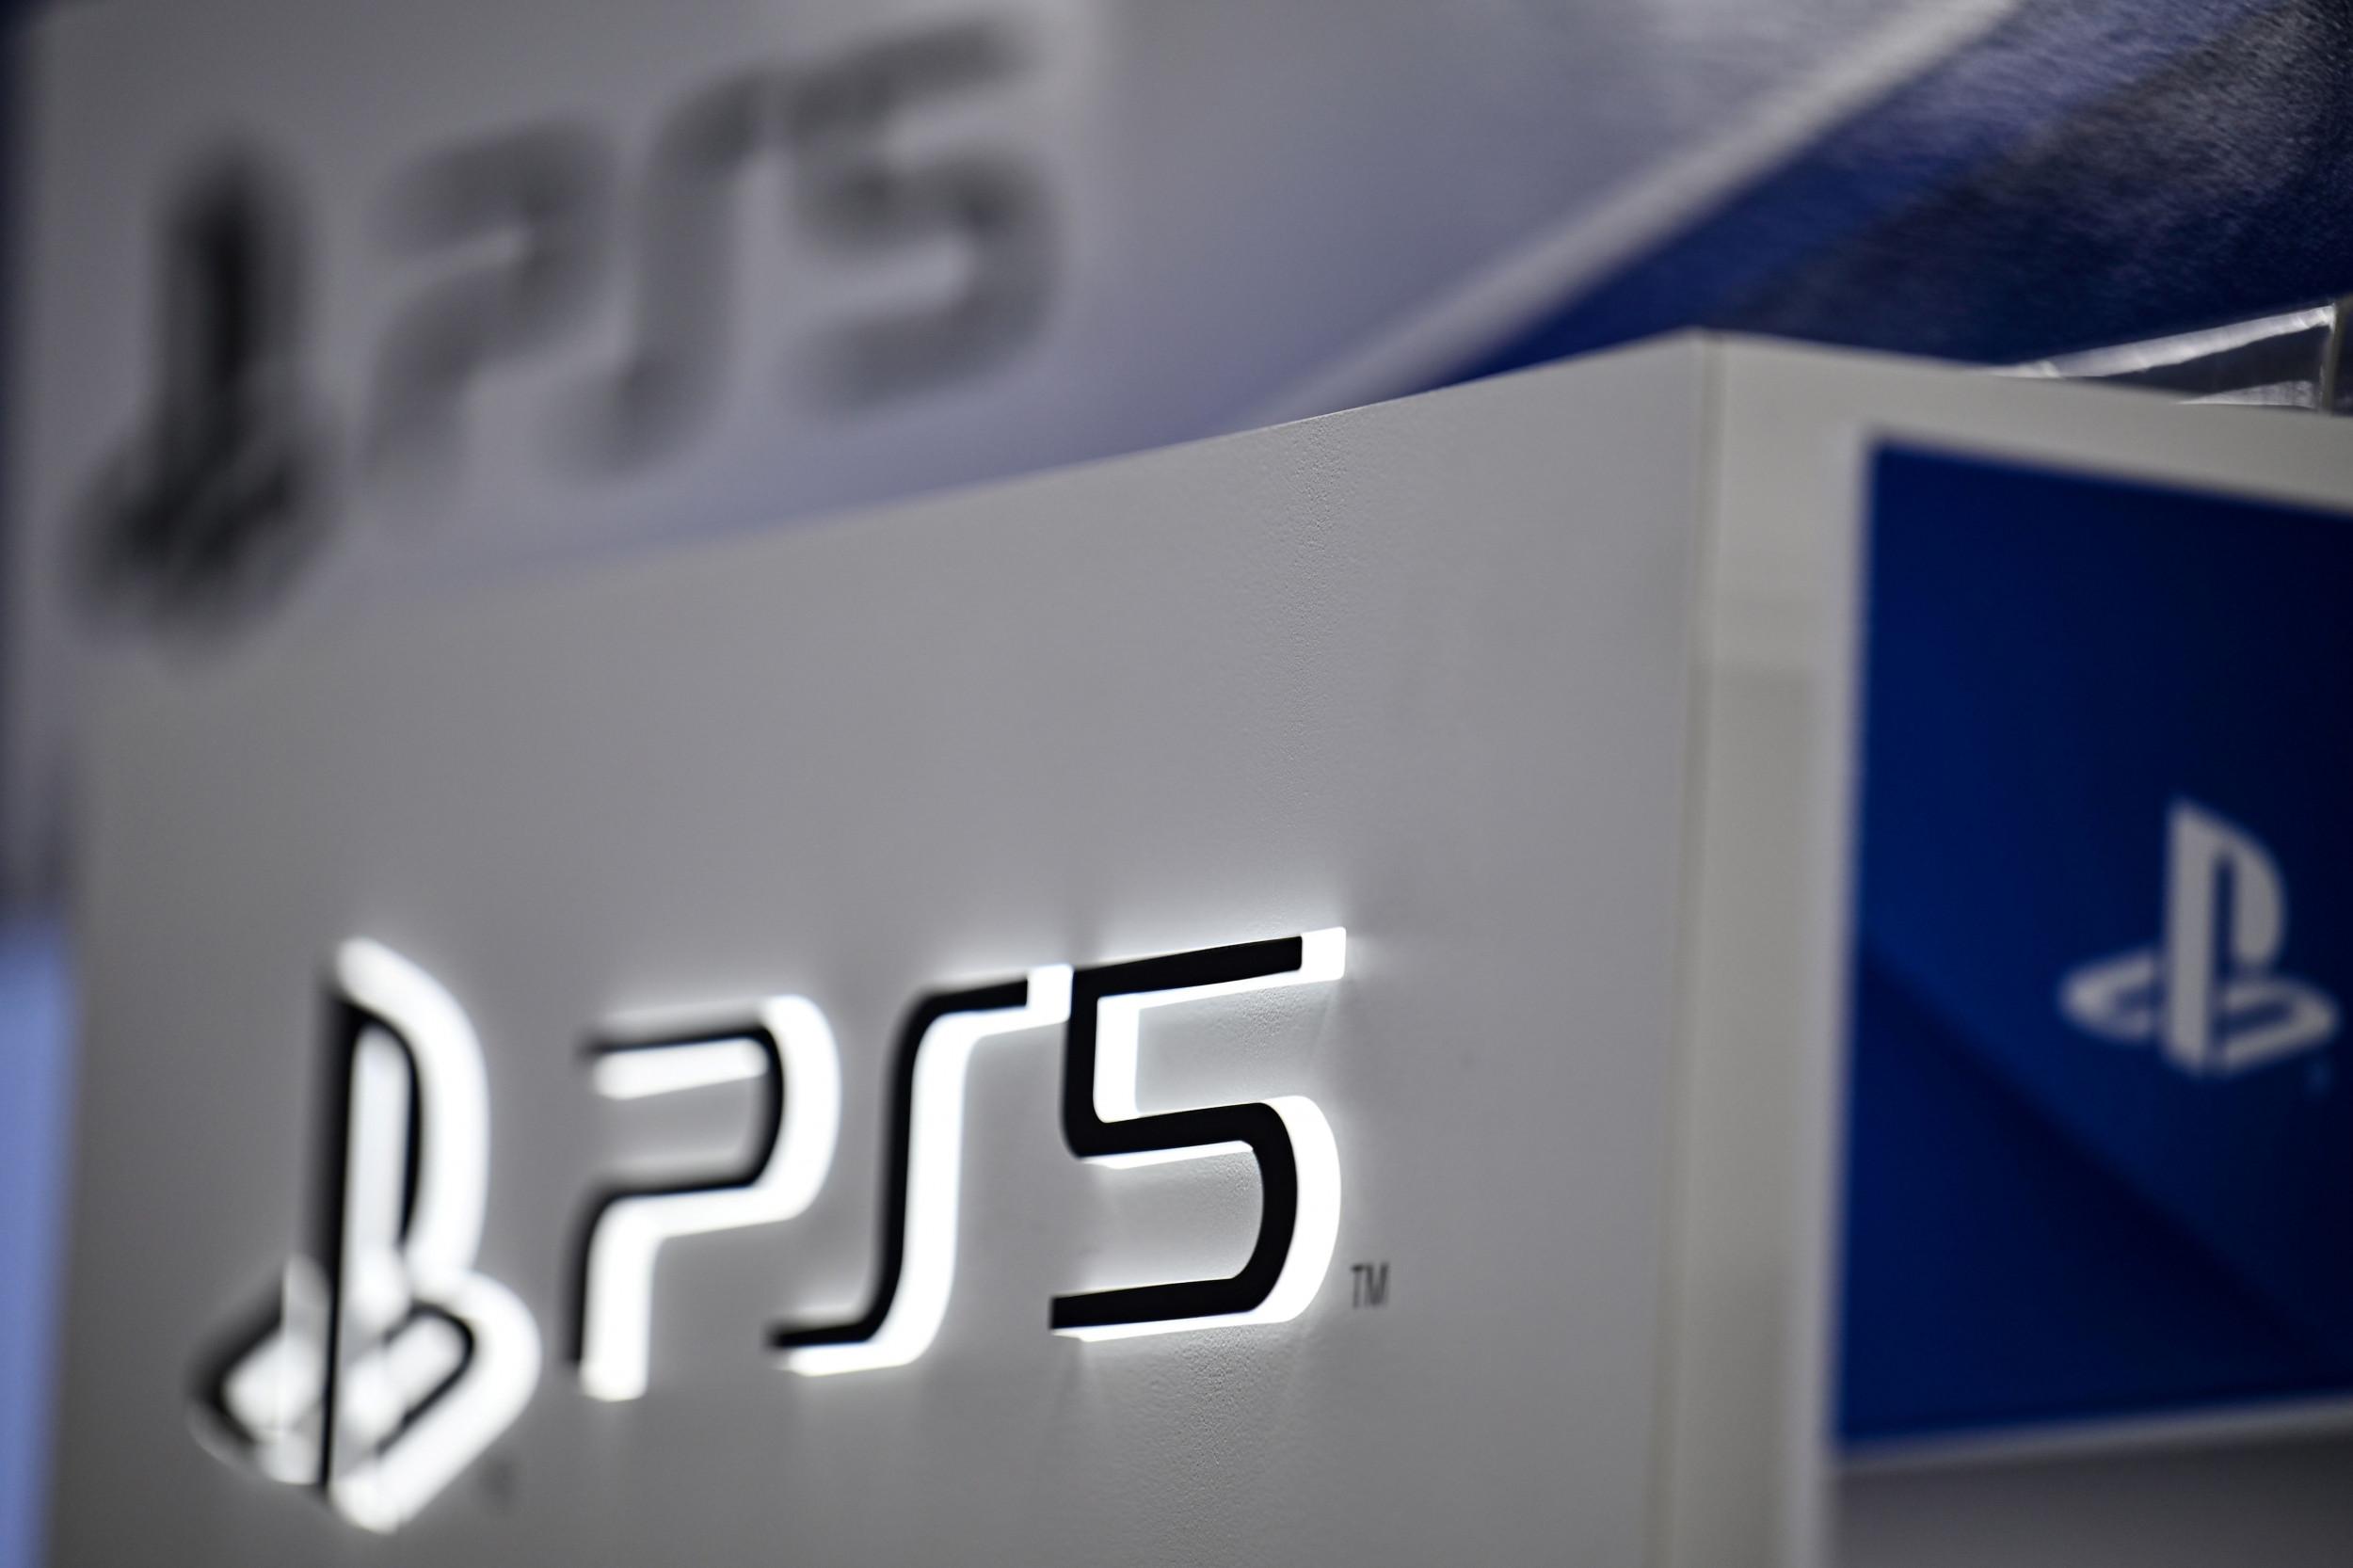 PS5 restock updates for Target, Amazon, Walmart, Best Buy, GameStop and more